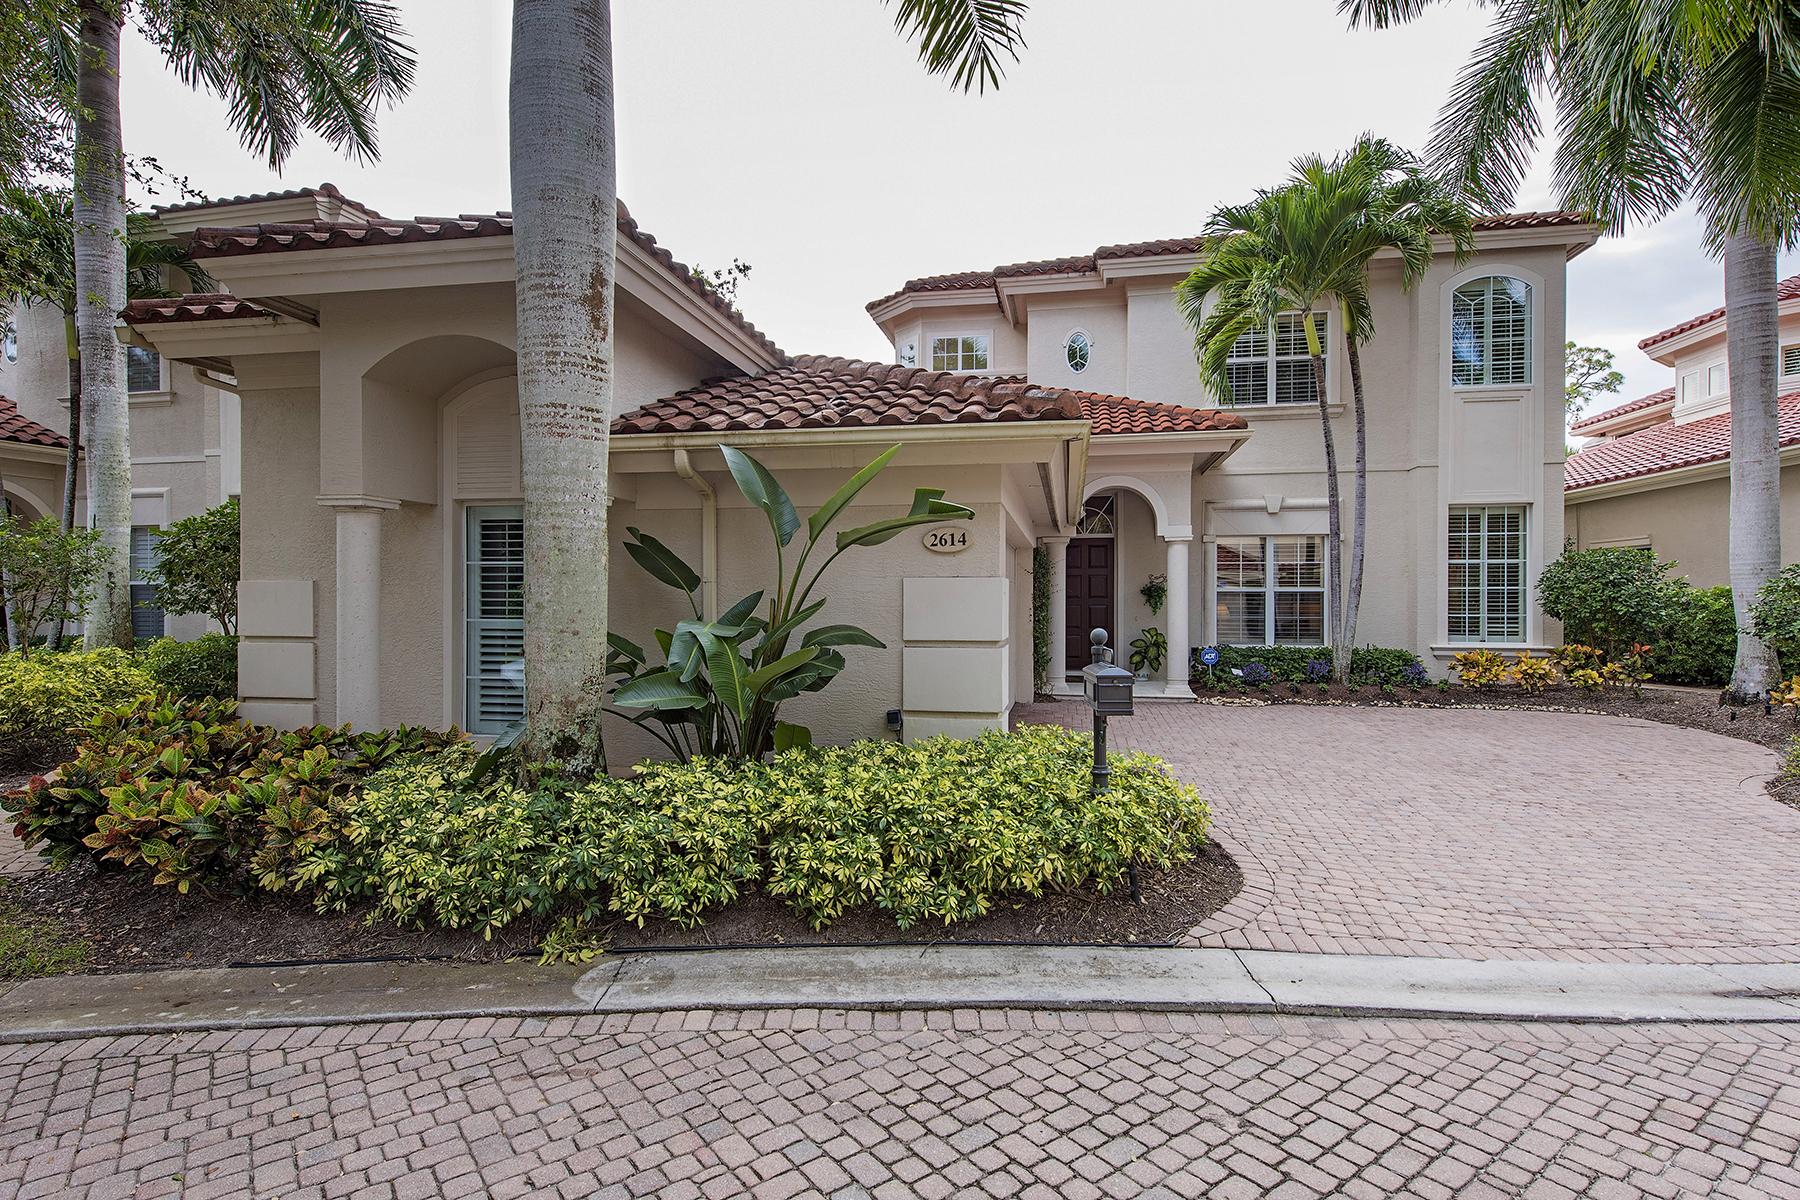 Maison unifamiliale pour l Vente à GREY OAKS - L'ERMITAGE AT GREY OAKS 2614 Lermitage Ln Naples, Florida, 34105 États-Unis